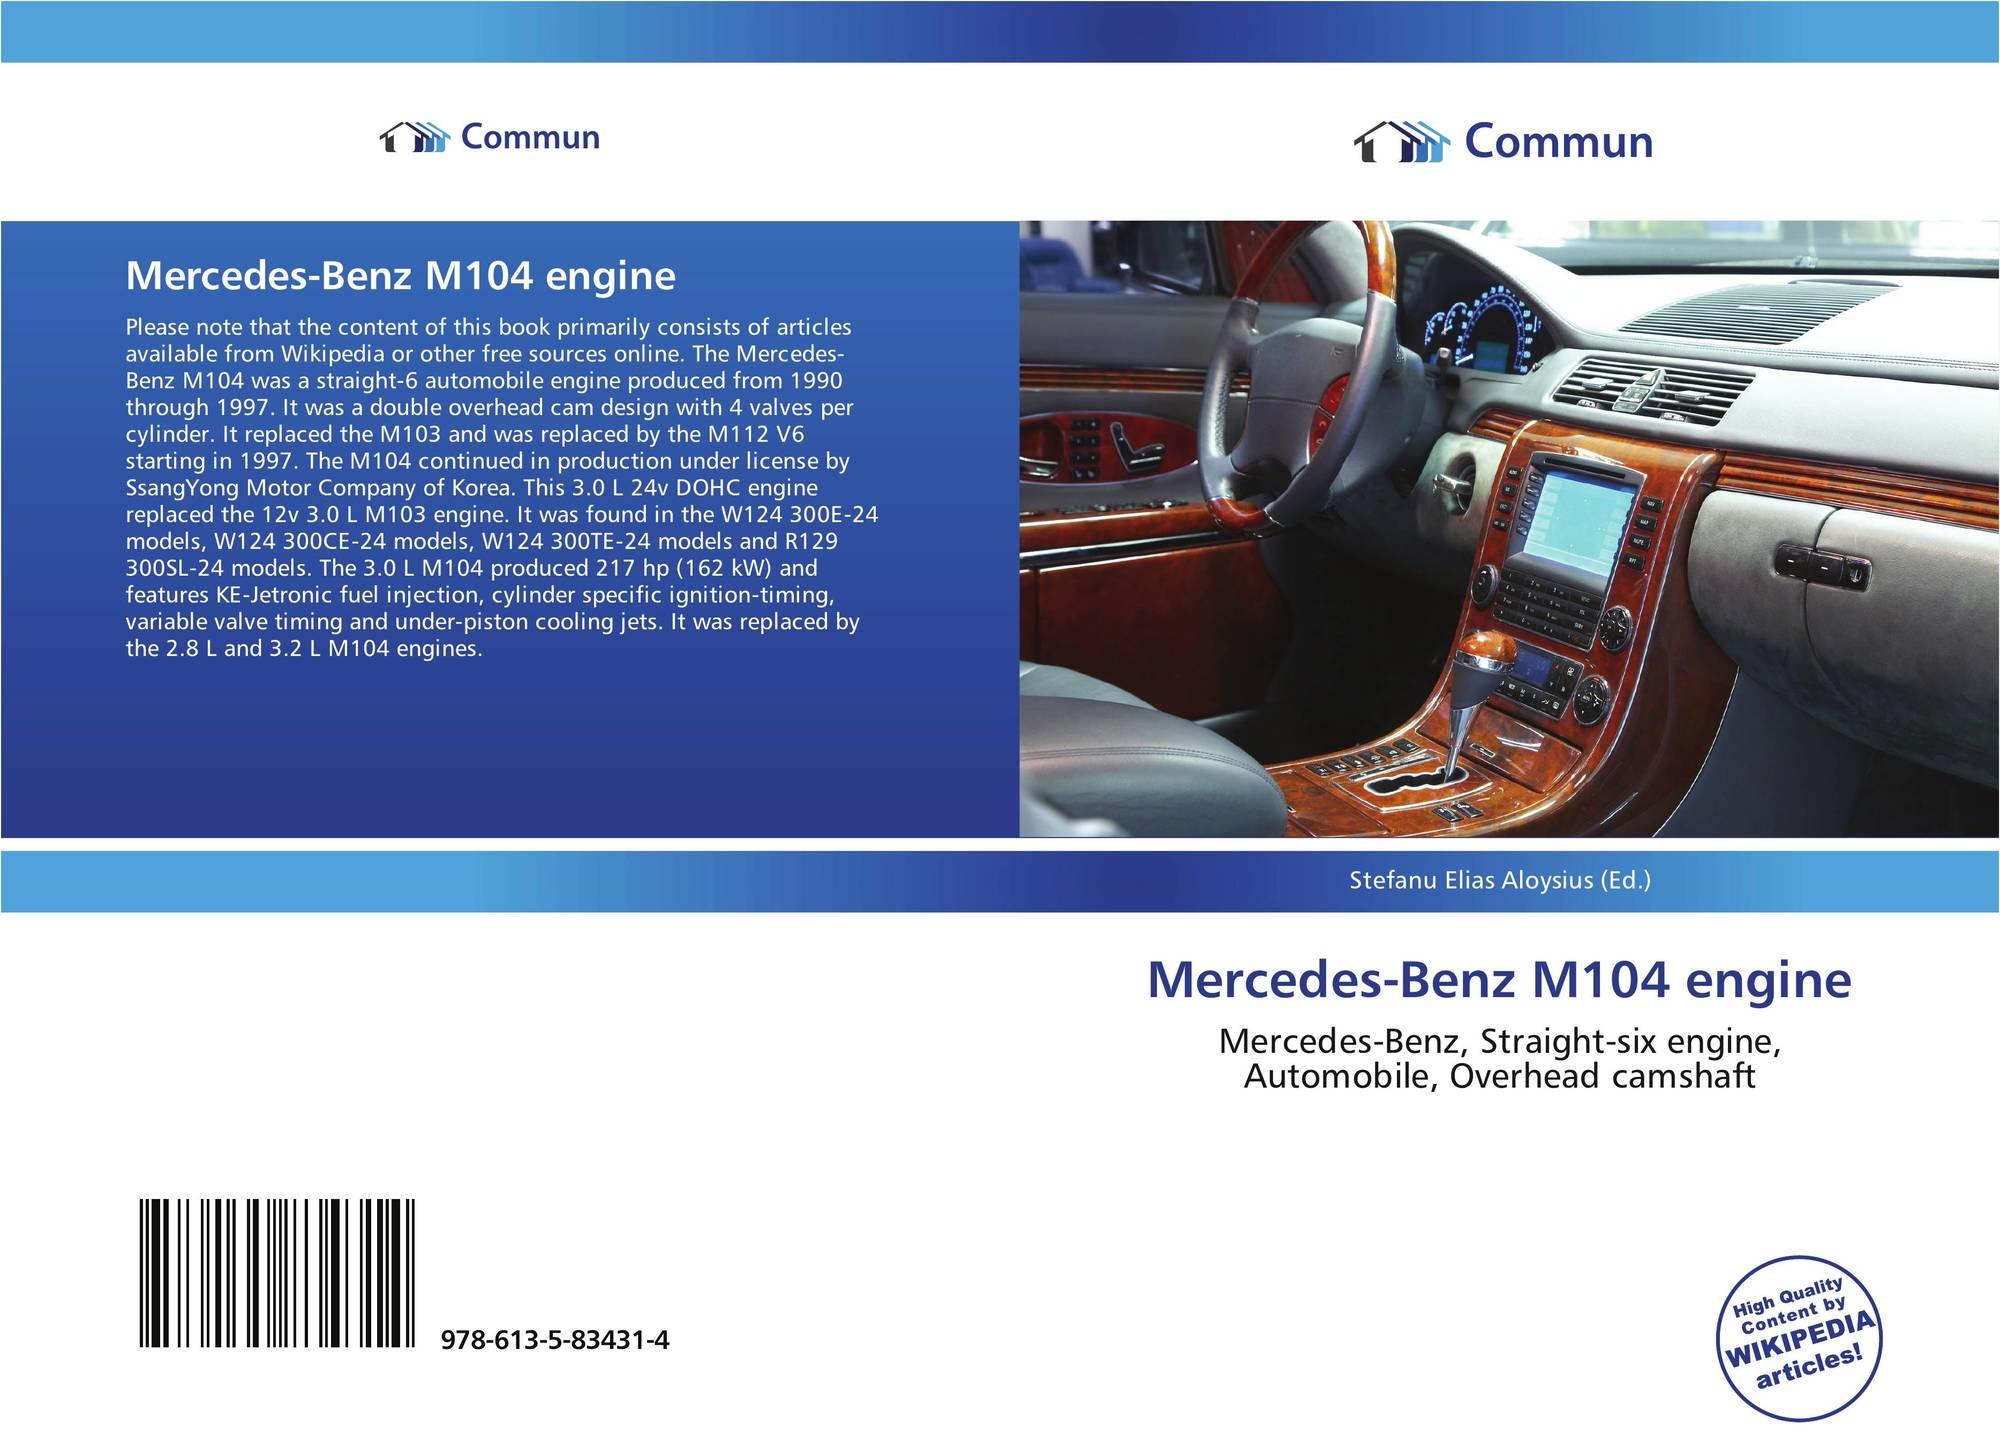 Mercedes-Benz M104 engine, 978-613-5-83431-4, 6135834312